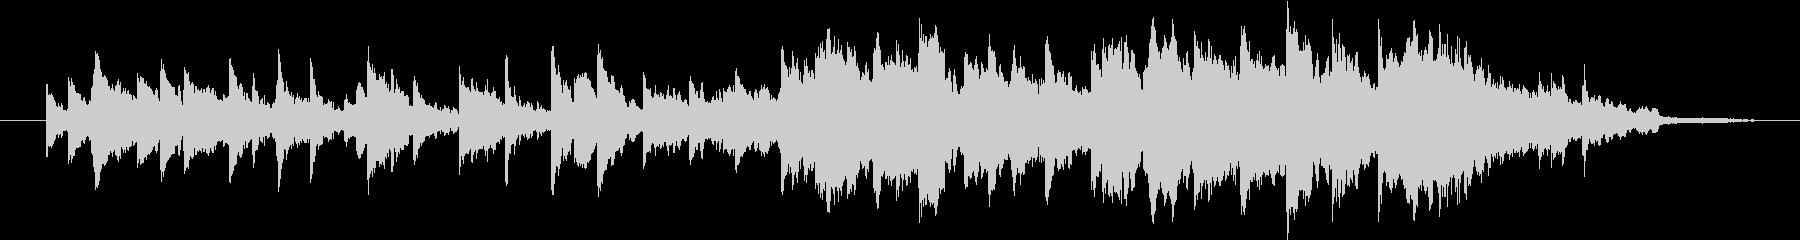 ピアノとストリングスとヴィブラフォンの未再生の波形